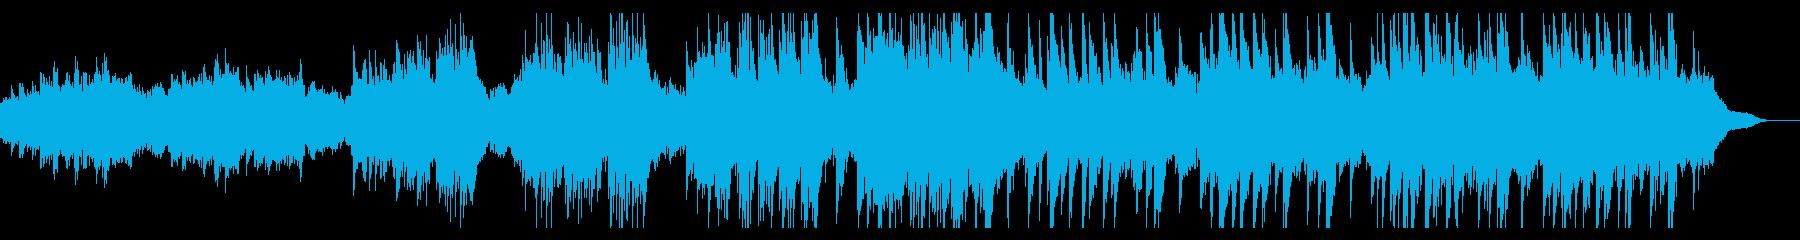 ピアノが重なり合う感動曲の再生済みの波形